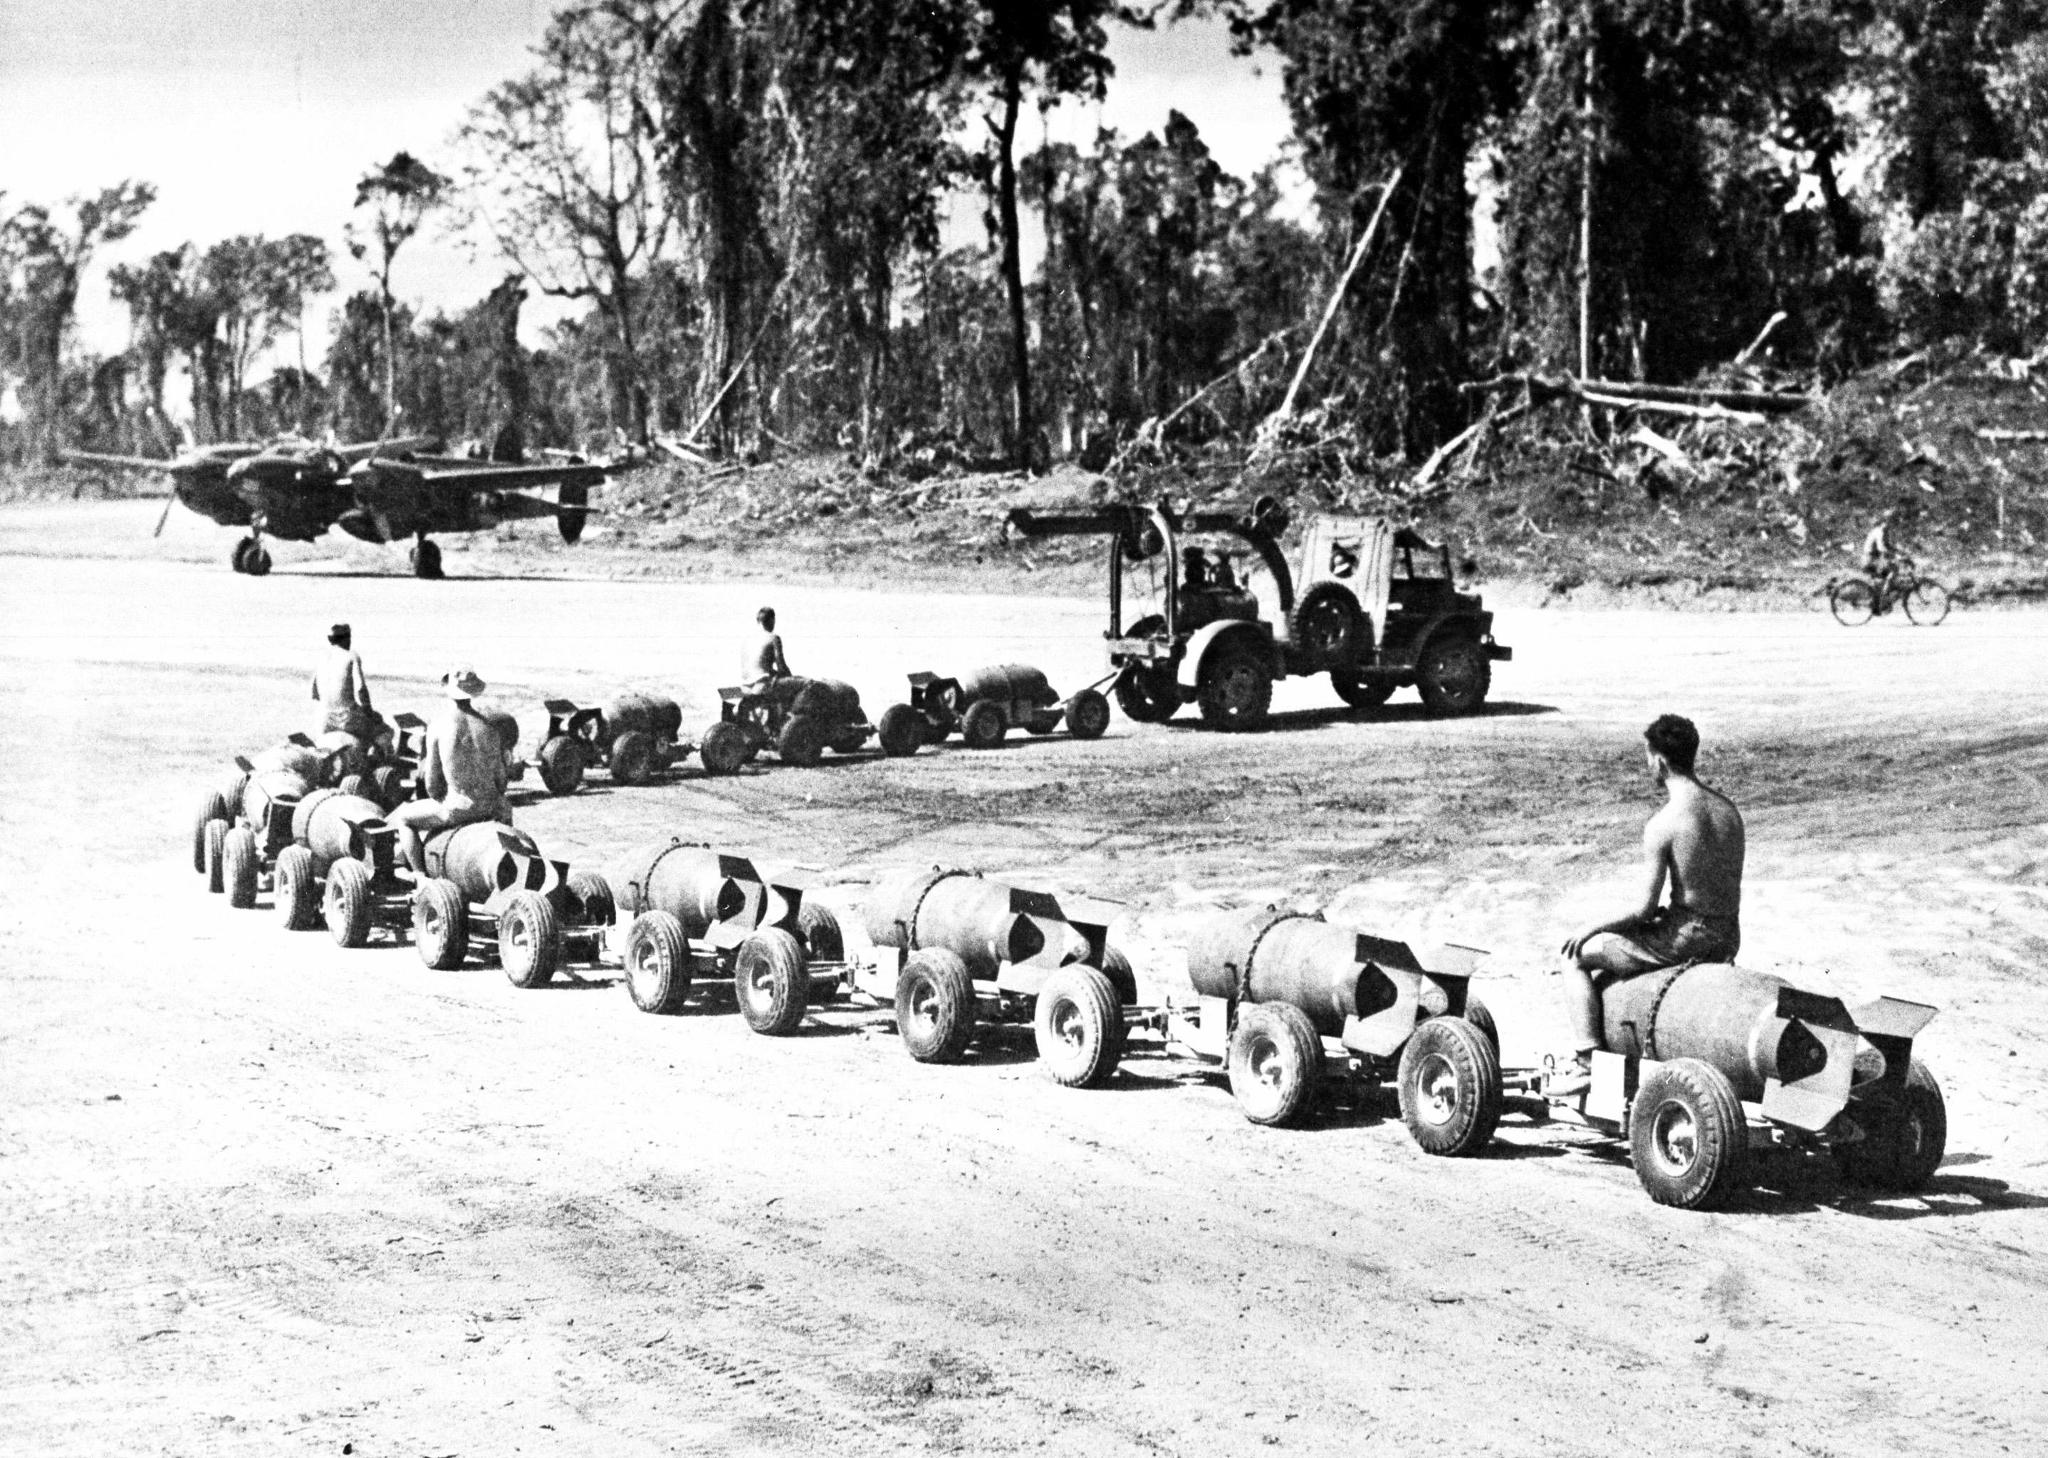 Ford Burma Jeep GTBS bomb train